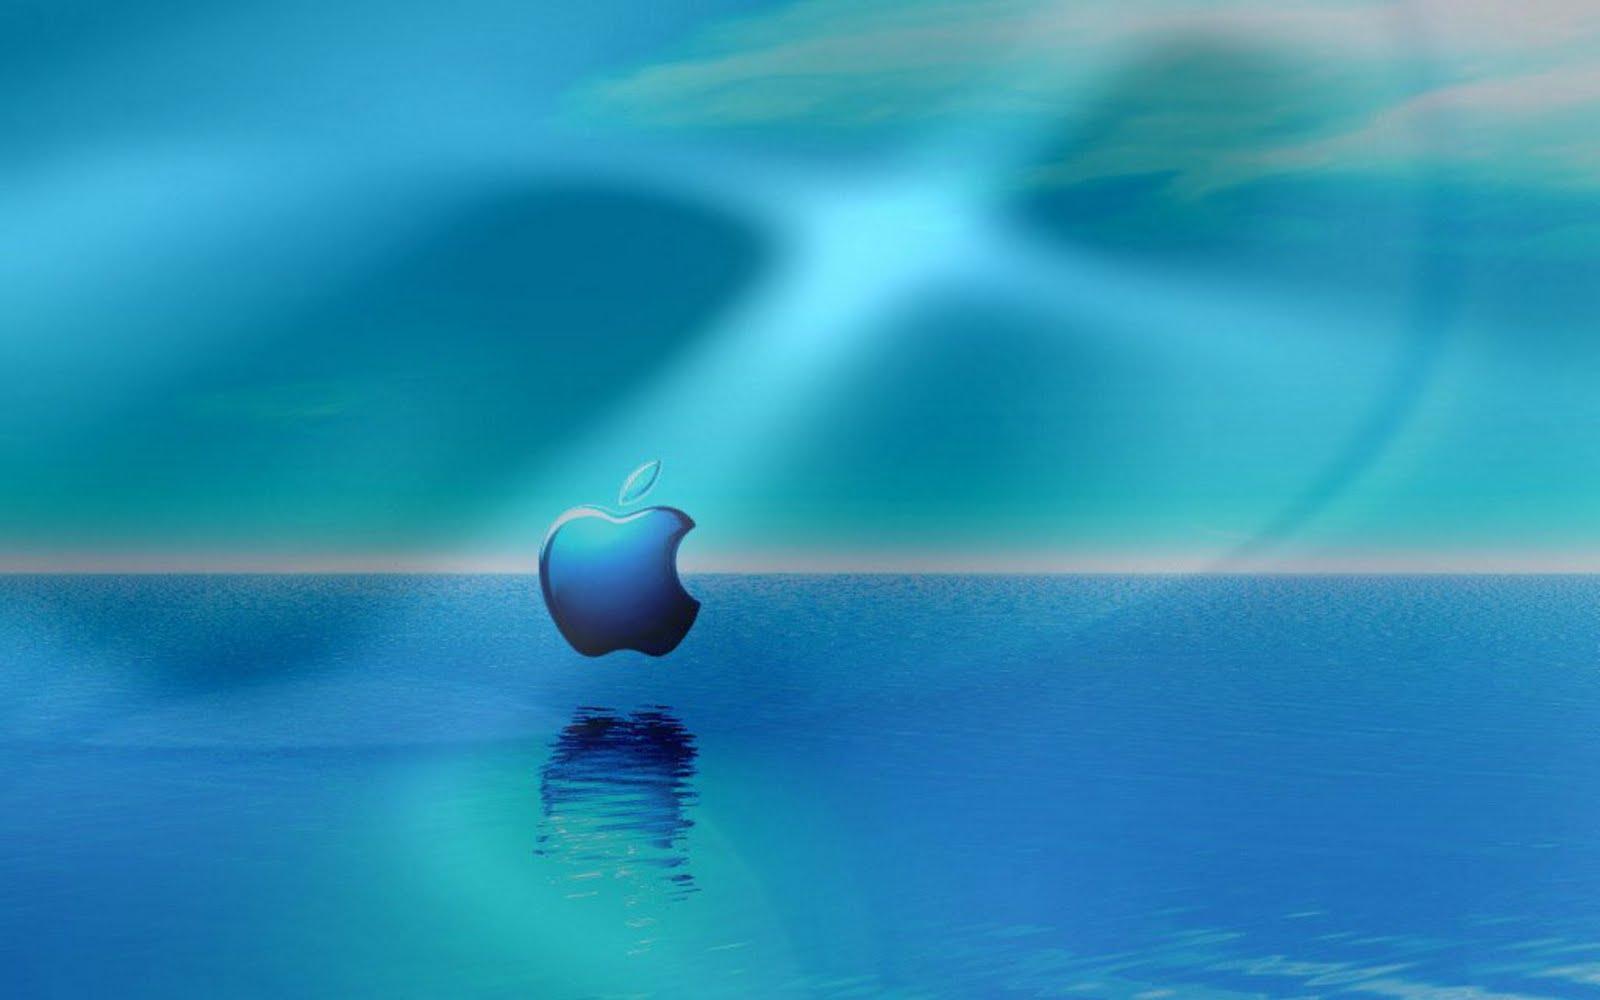 http://4.bp.blogspot.com/-r4QDNvSlECk/TkpogILmWRI/AAAAAAAALWA/ZrrI3URIKg4/s1600/Apple+Wallpapers+%25283%2529.jpg